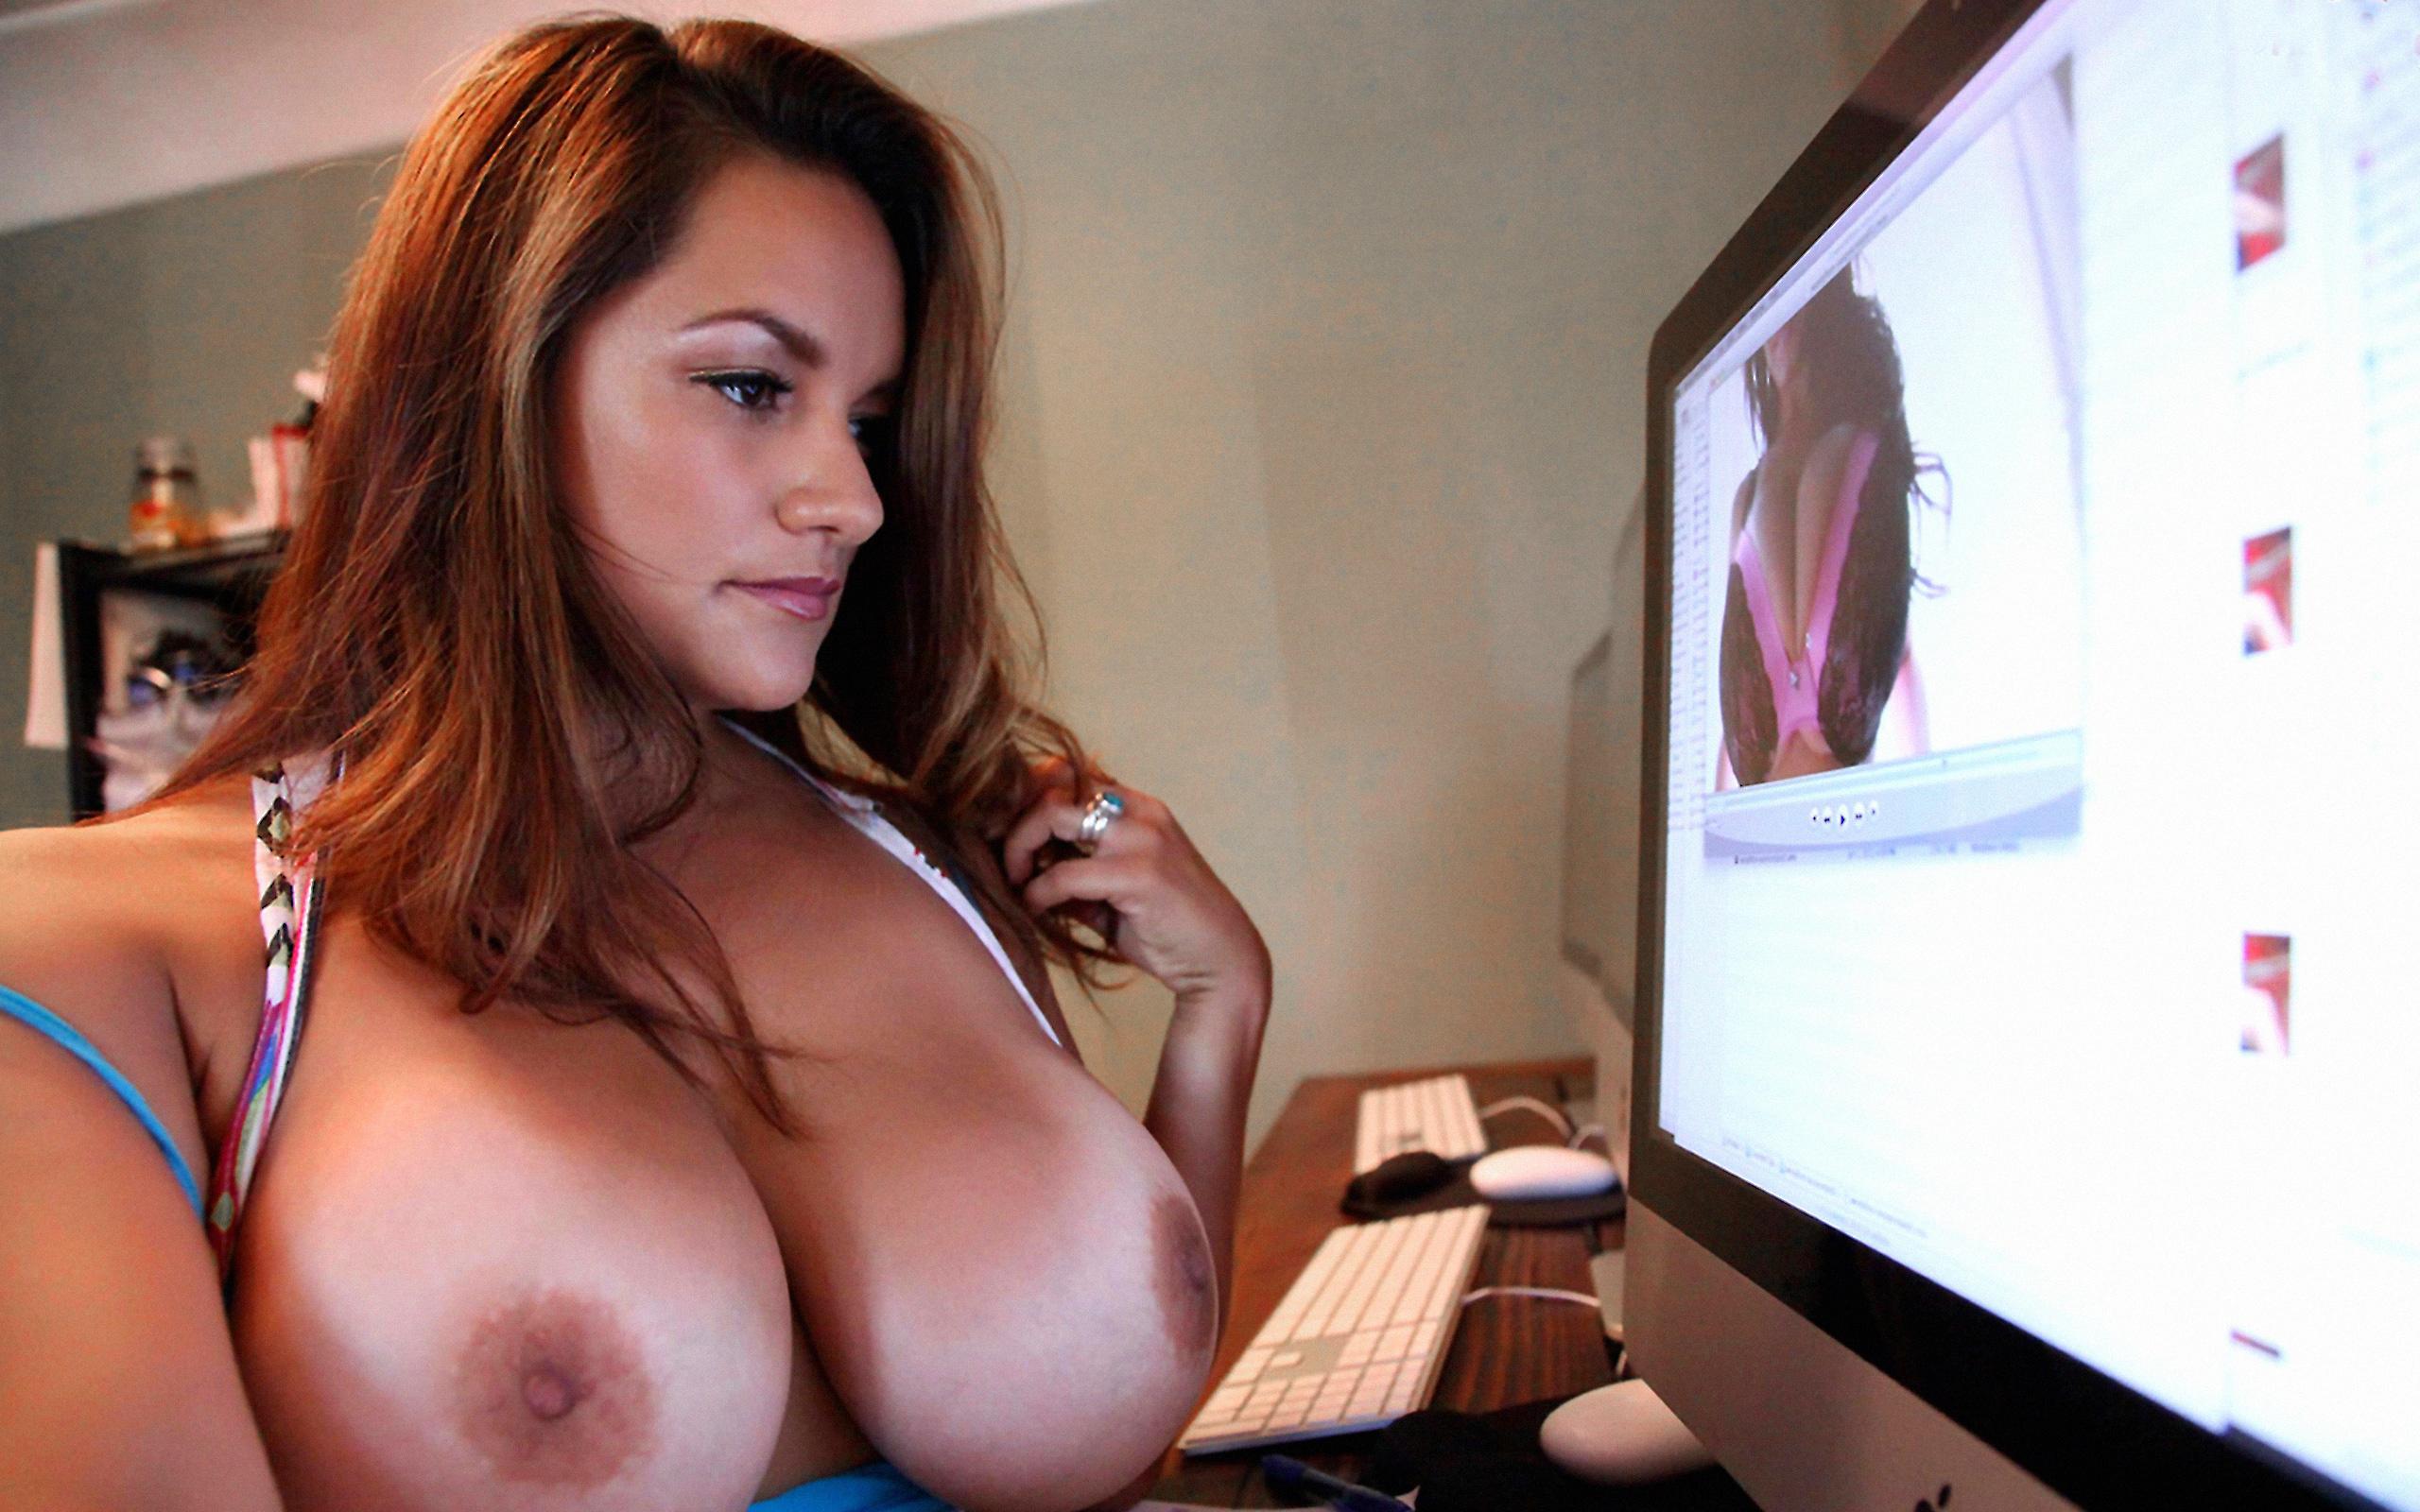 tinder on computer norsk porno gratis